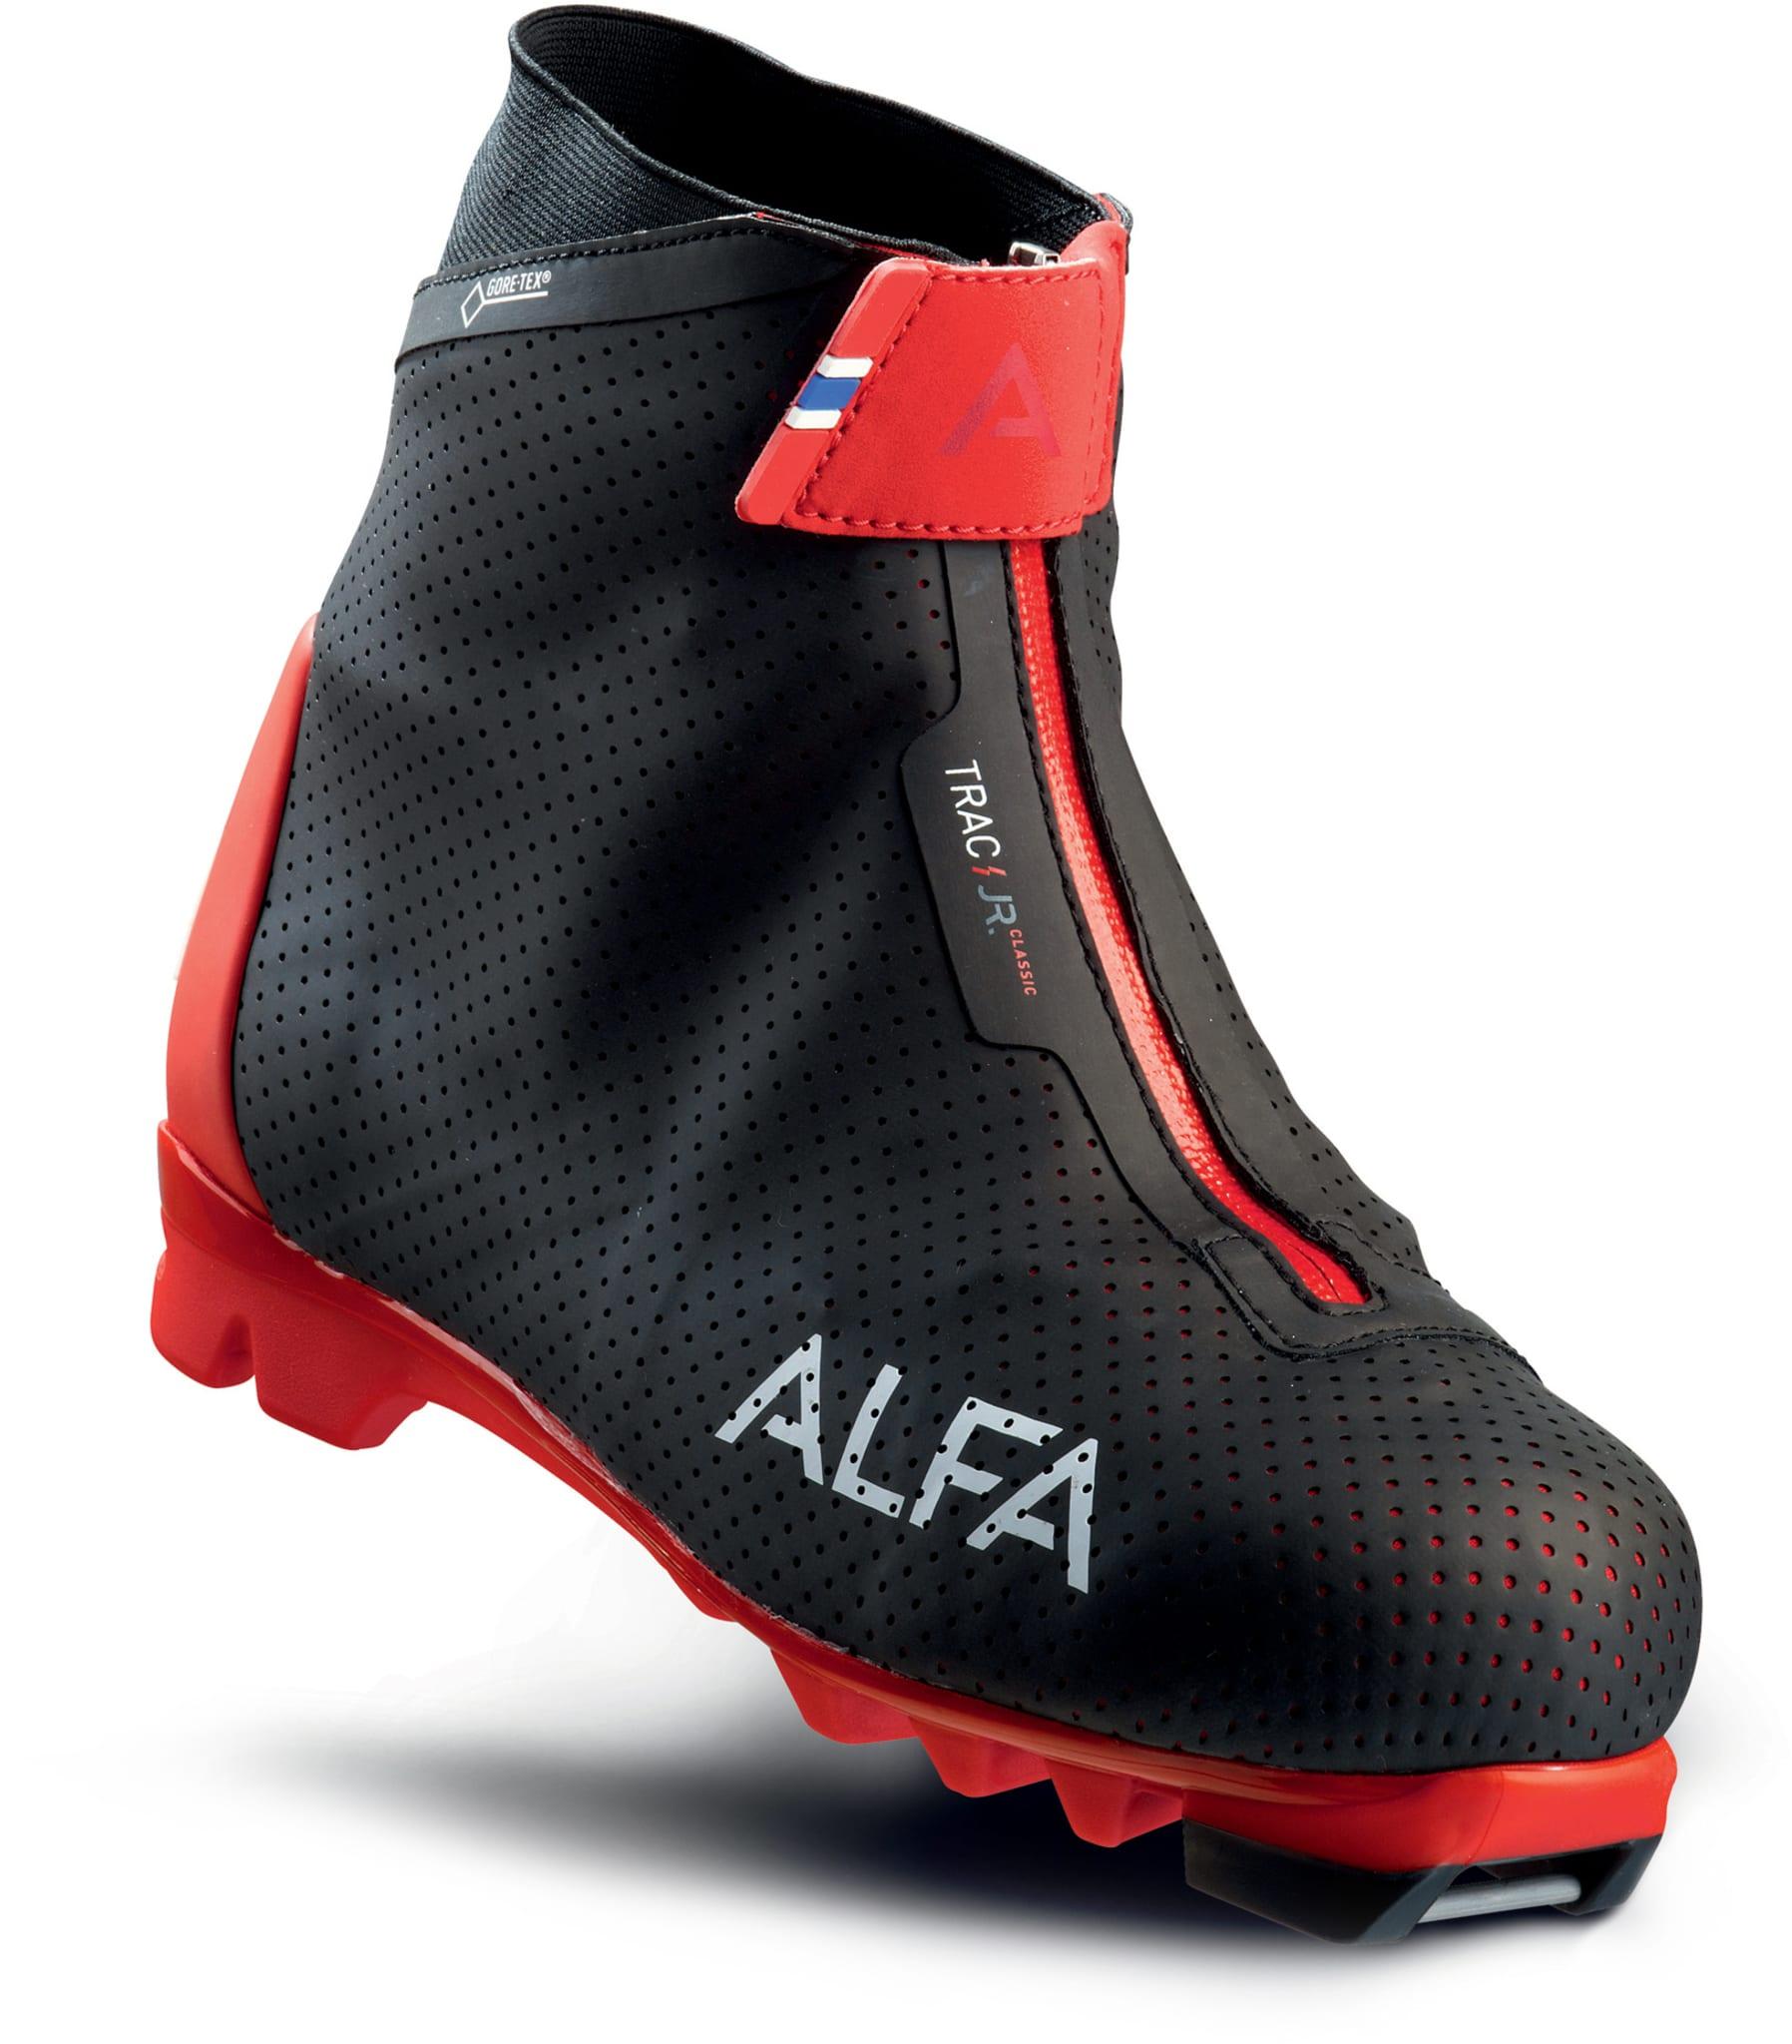 En varm og komfortabel støvel utviklet for både lek og alvor i skisporet